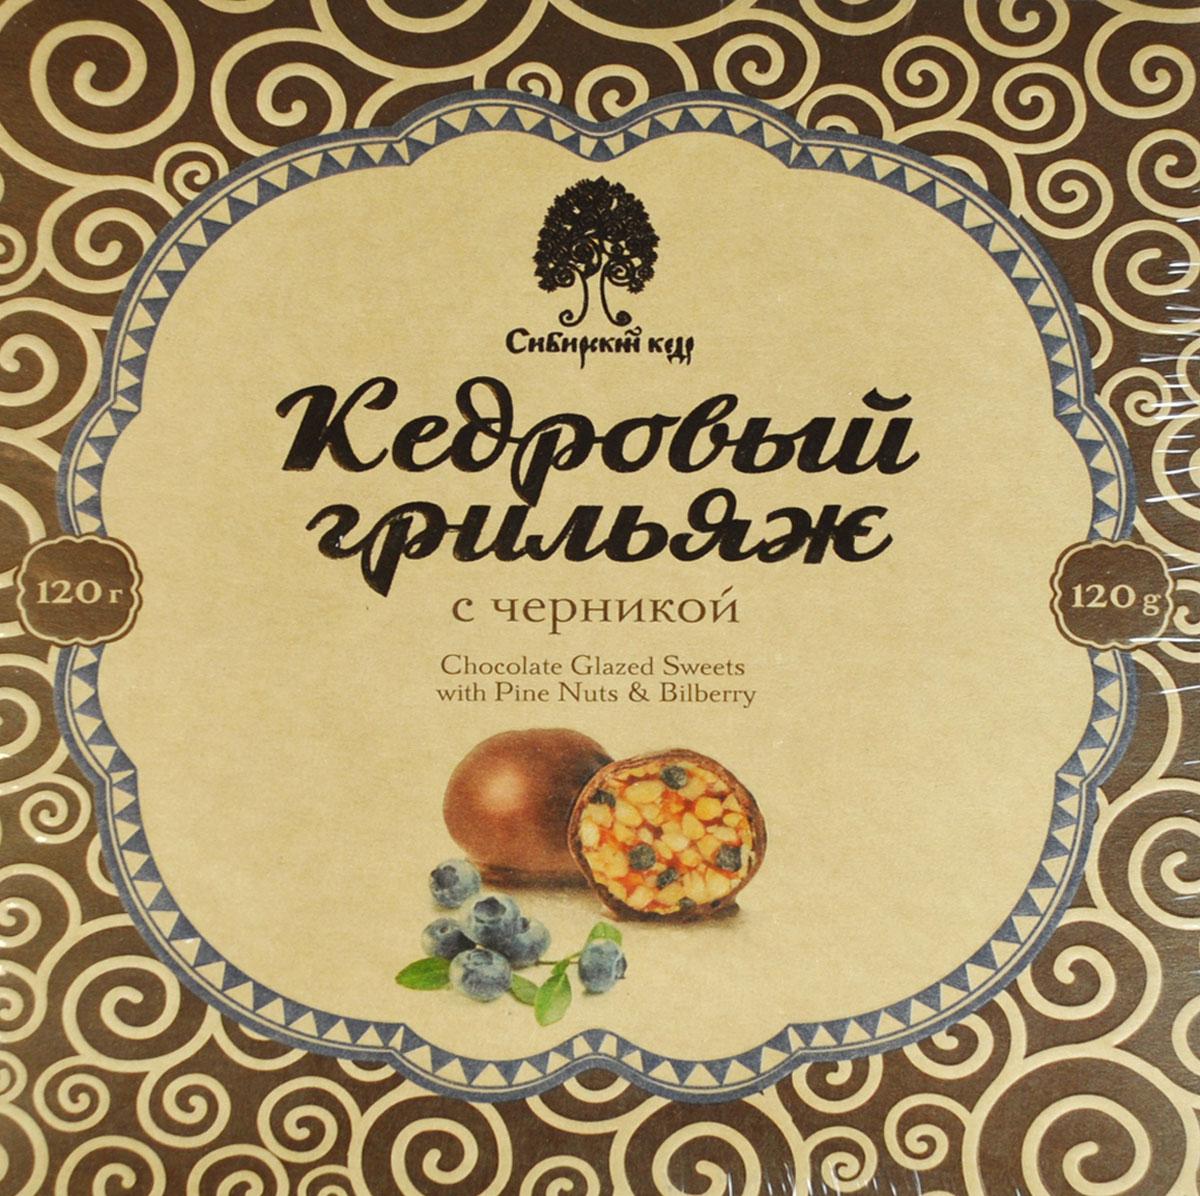 Сибирский Кедр конфеты грильяж кедровый с черникой в шоколадной глазури, 120 г crystal trees кедр сибирский